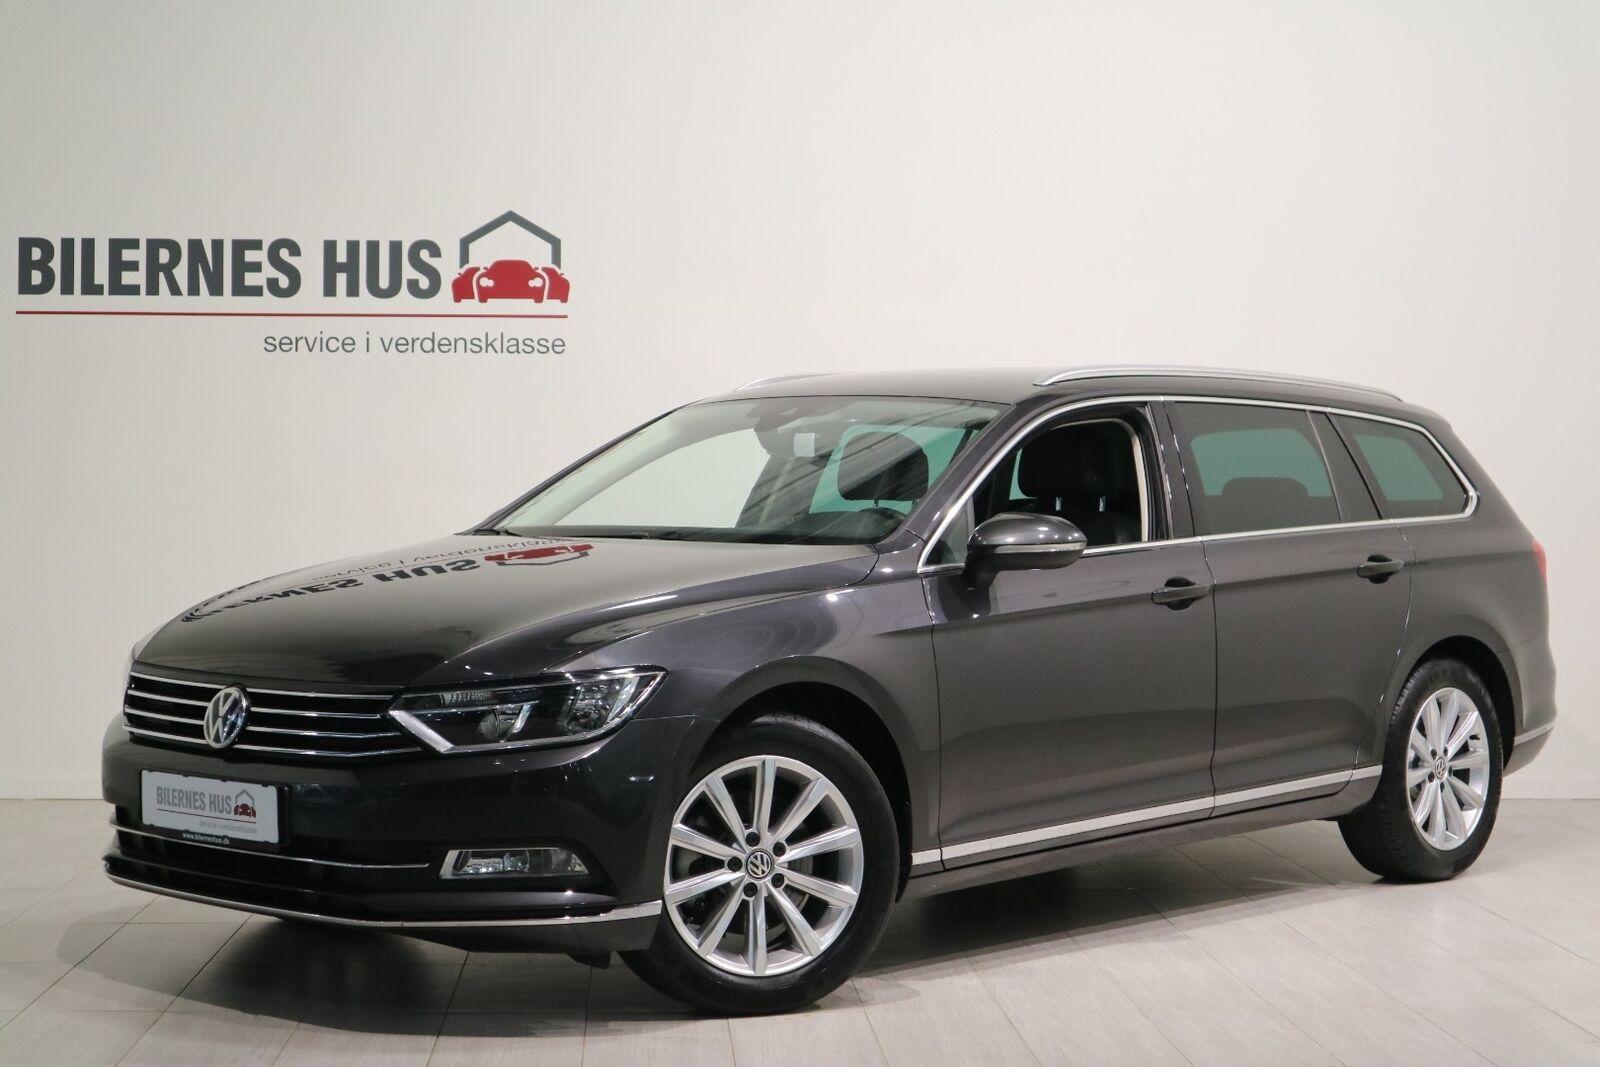 VW Passat 1,4 TSi 150 Highline Premium Variant DSG 5d - 294.880 kr.